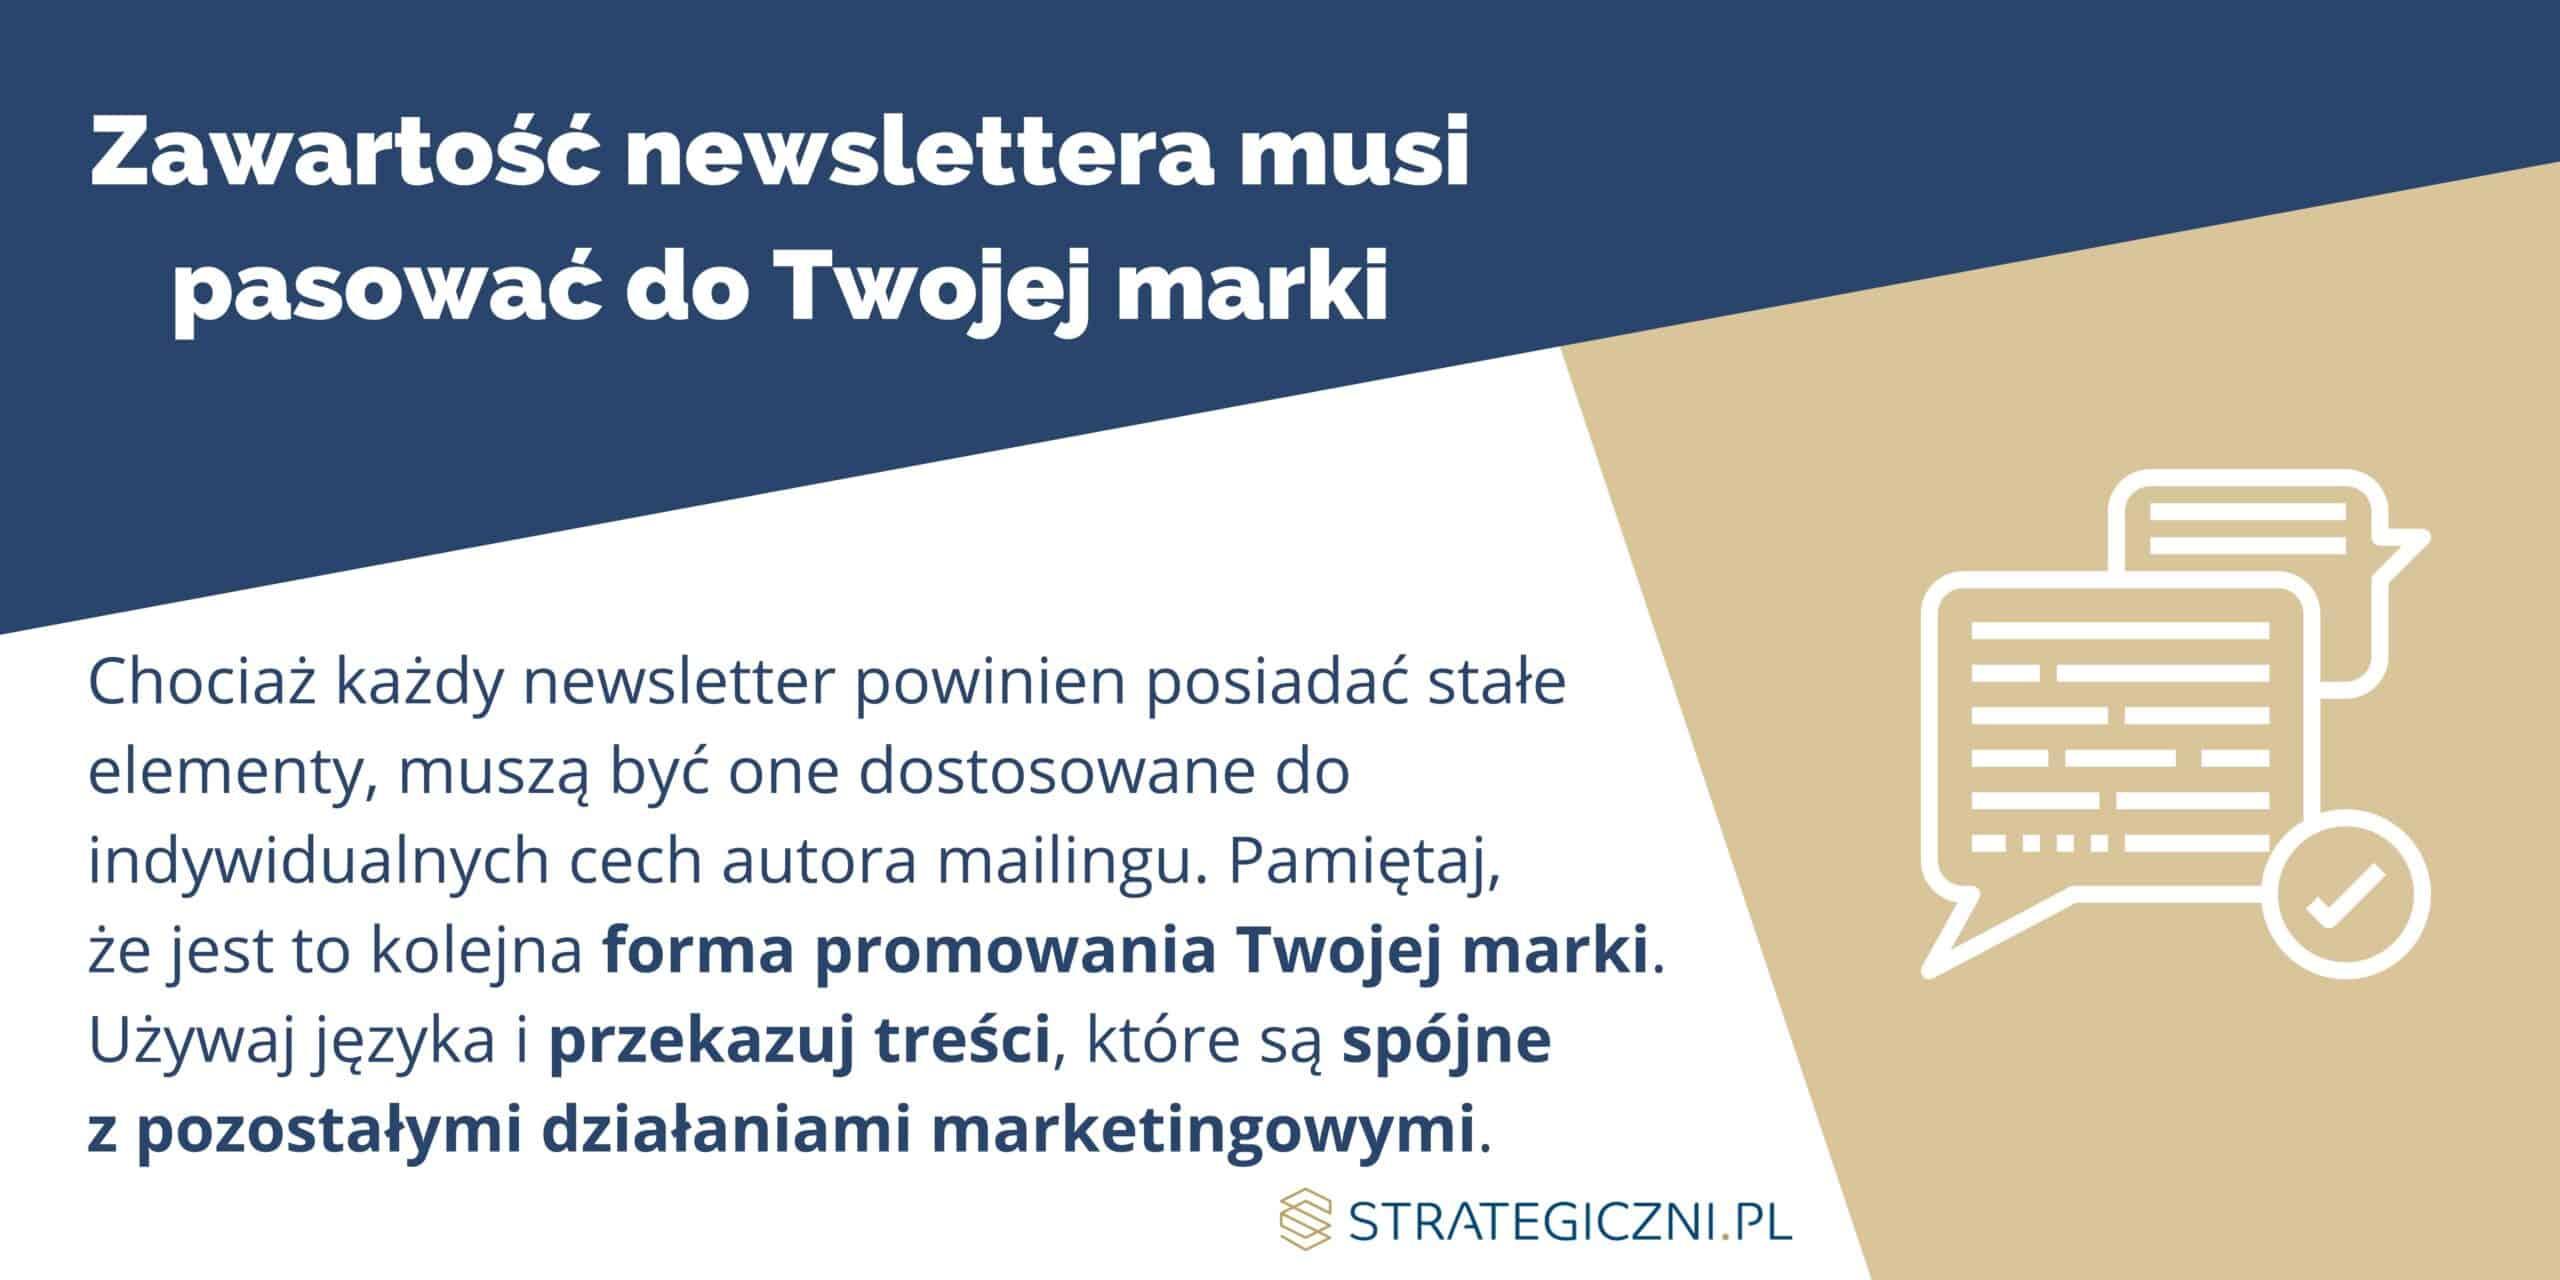 Zawartosc-newslettera-musi-pasowac-do-Twojej-marki